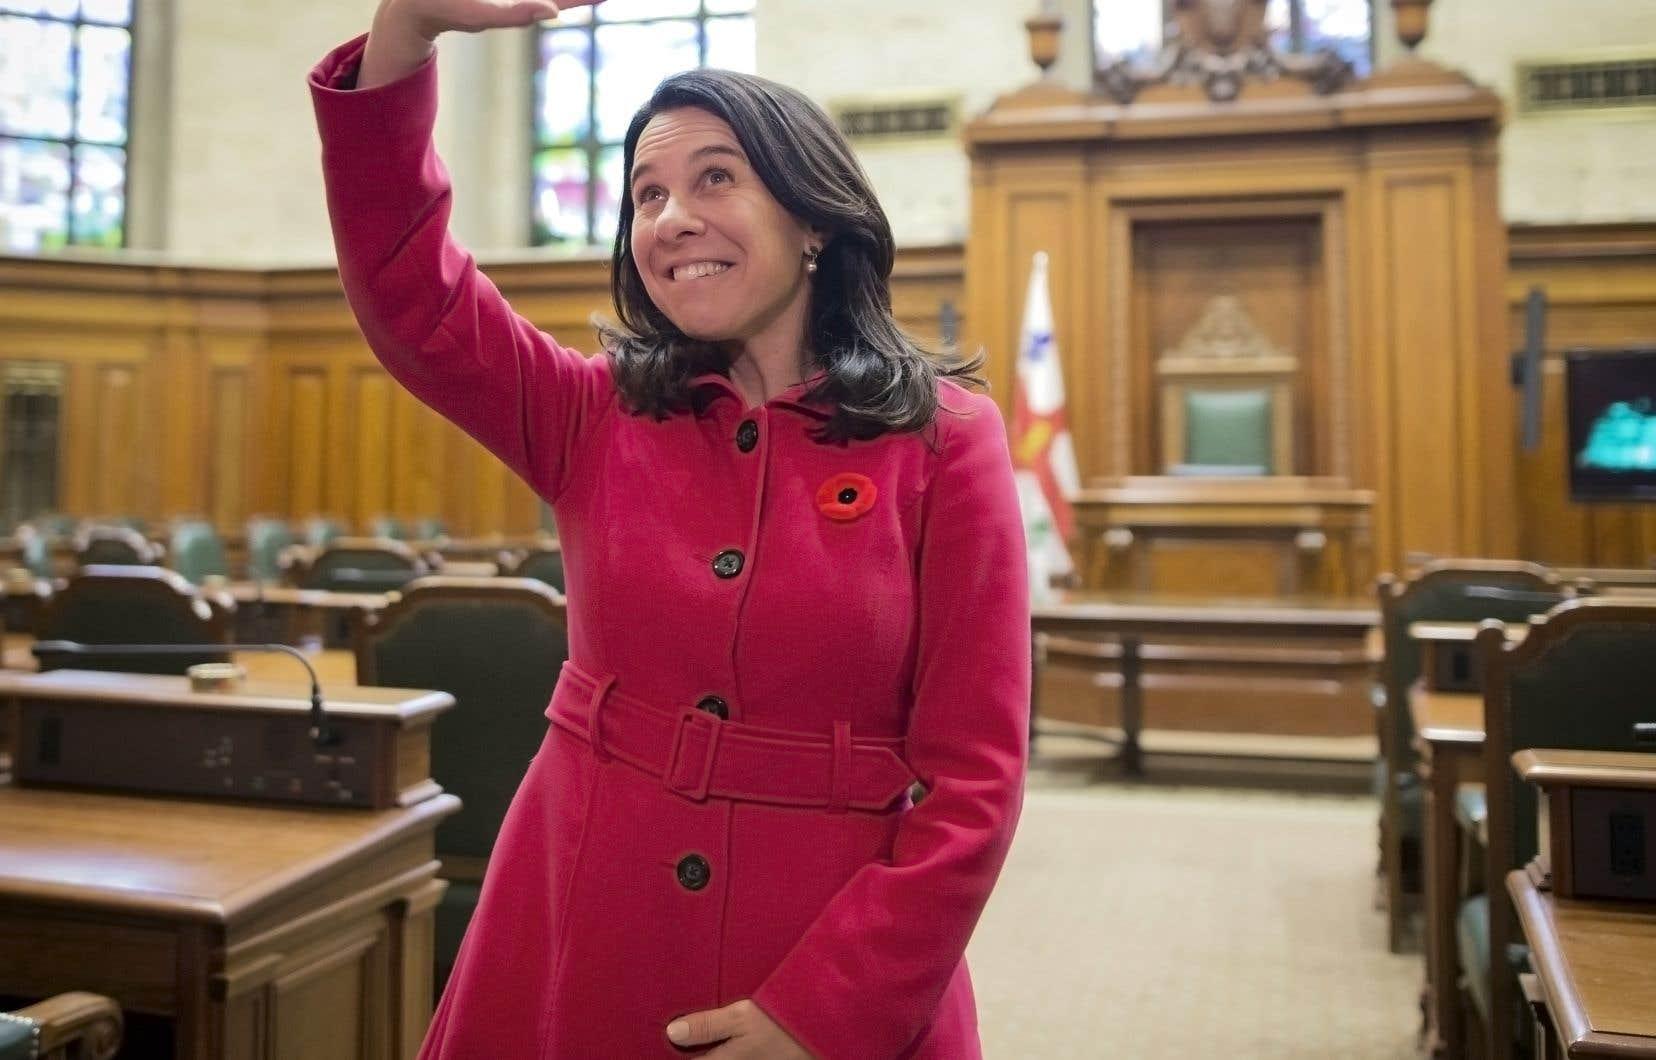 Le 5 novembre 2017, Valérie Plante est devenue la première femme élue mairesse de Montréal depuis la fondation de la ville, en 1642.